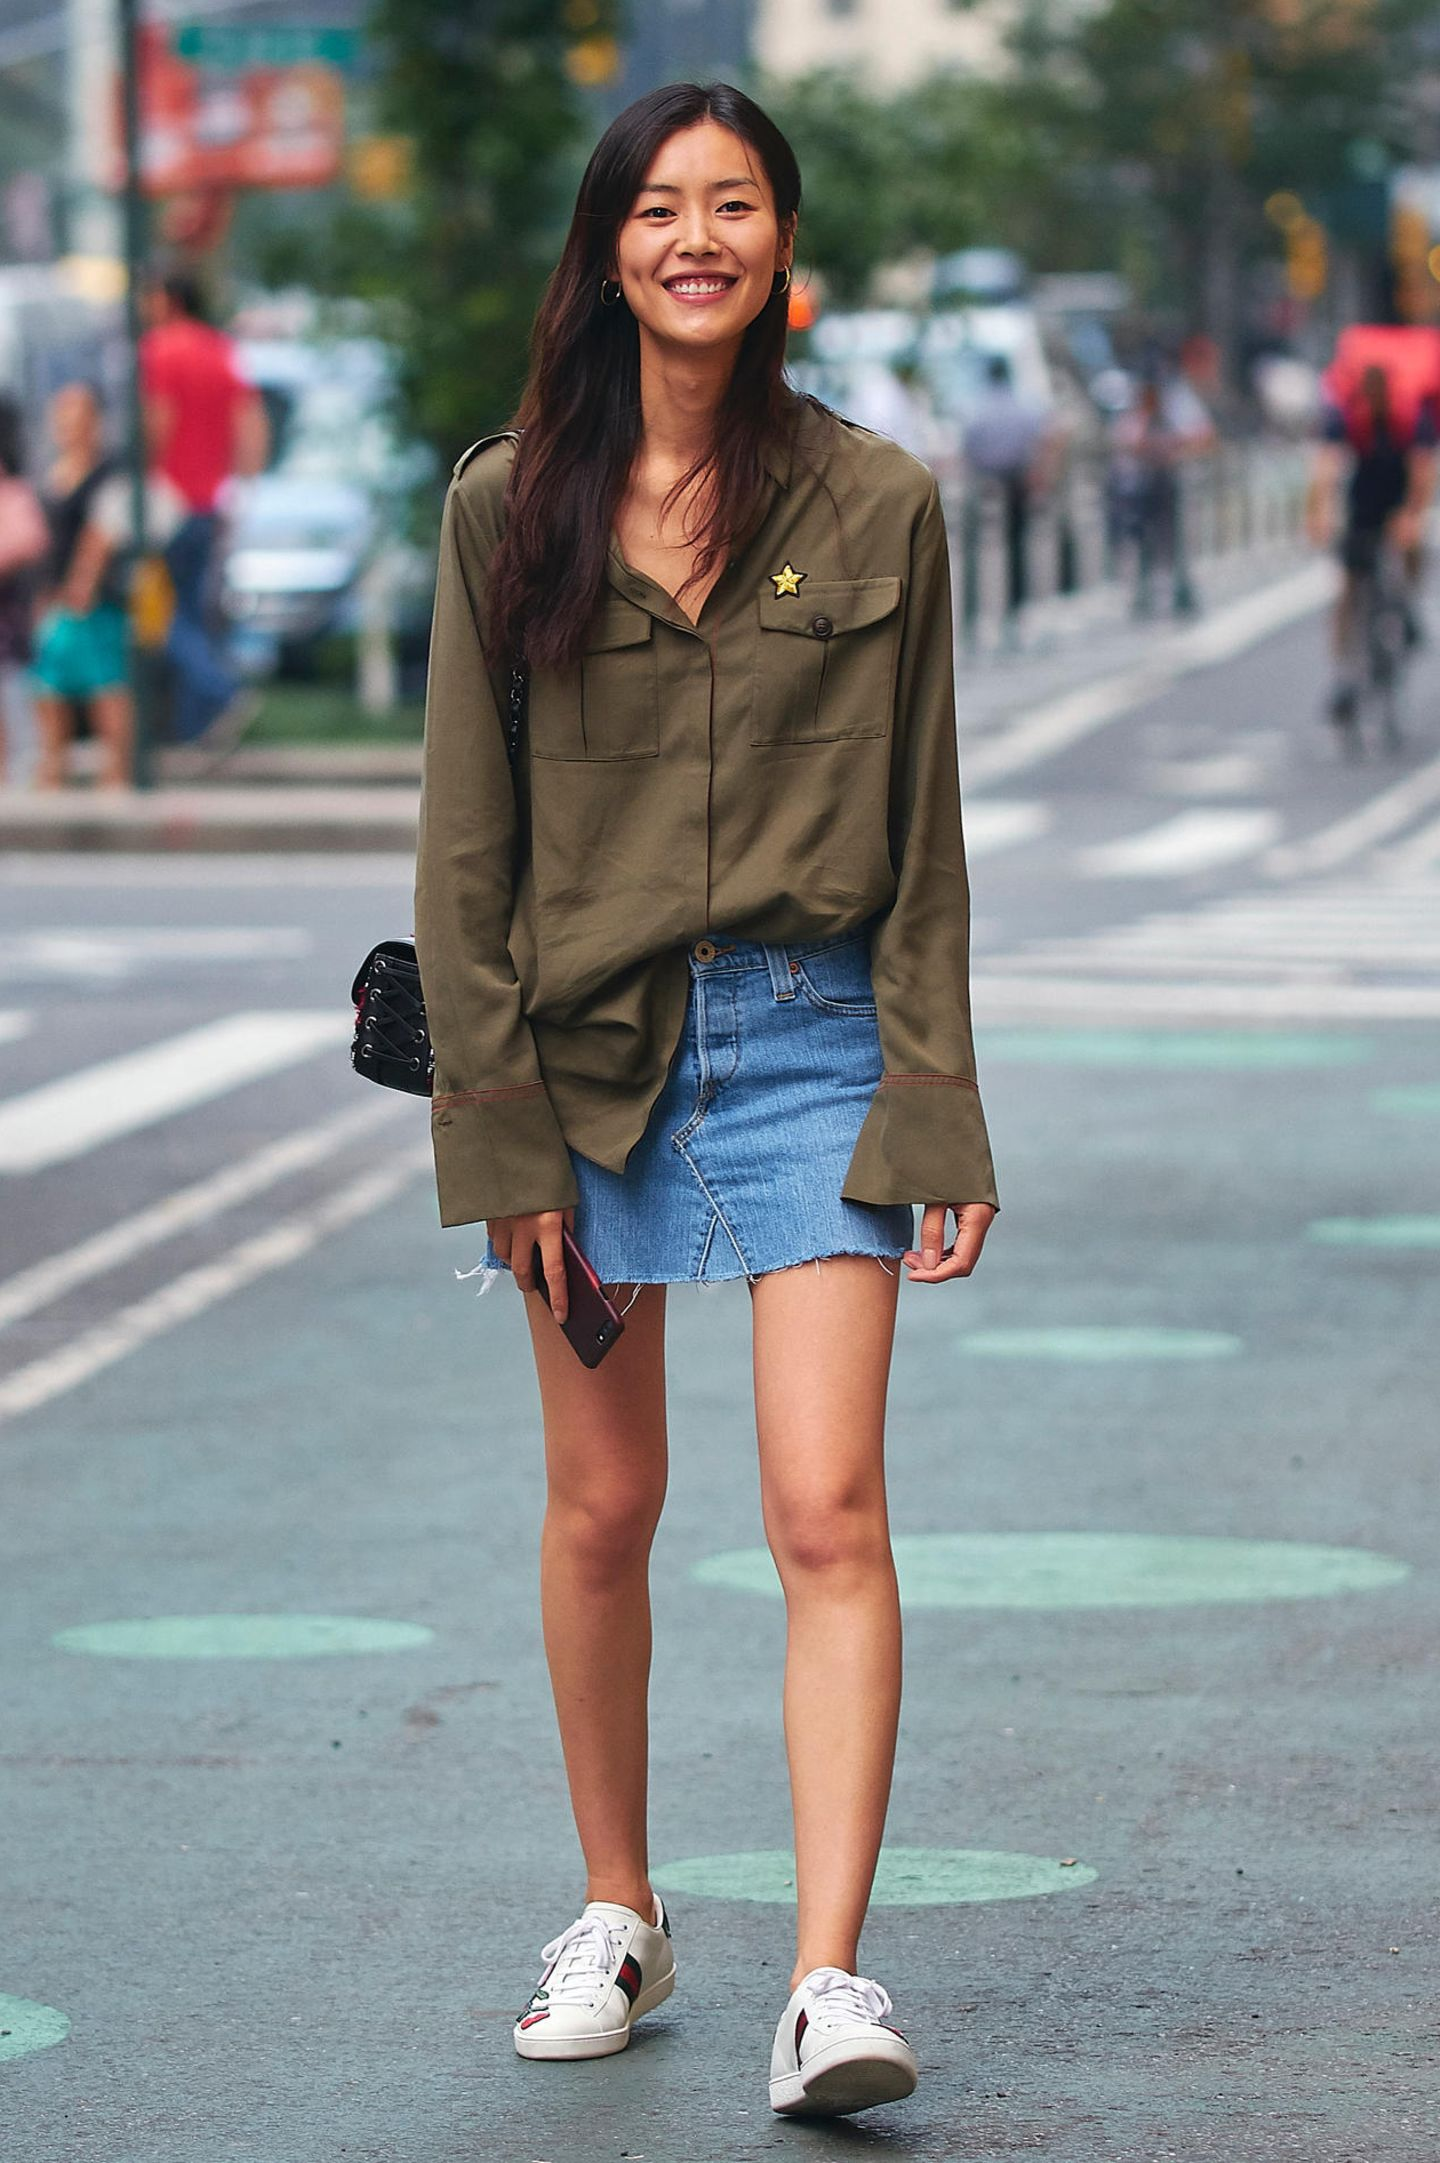 """Liu Wen ging bei """"Victoria's Secret"""" bereits in 2009 in die Geschichte ein, als sie als erstes ostasiatisches Model für das Label arbeitete. Gut gelaunt kommt sie nun zu dem Casting und hat coole """"Ace""""-Gucci-Sneaker als Glücksbringer an."""